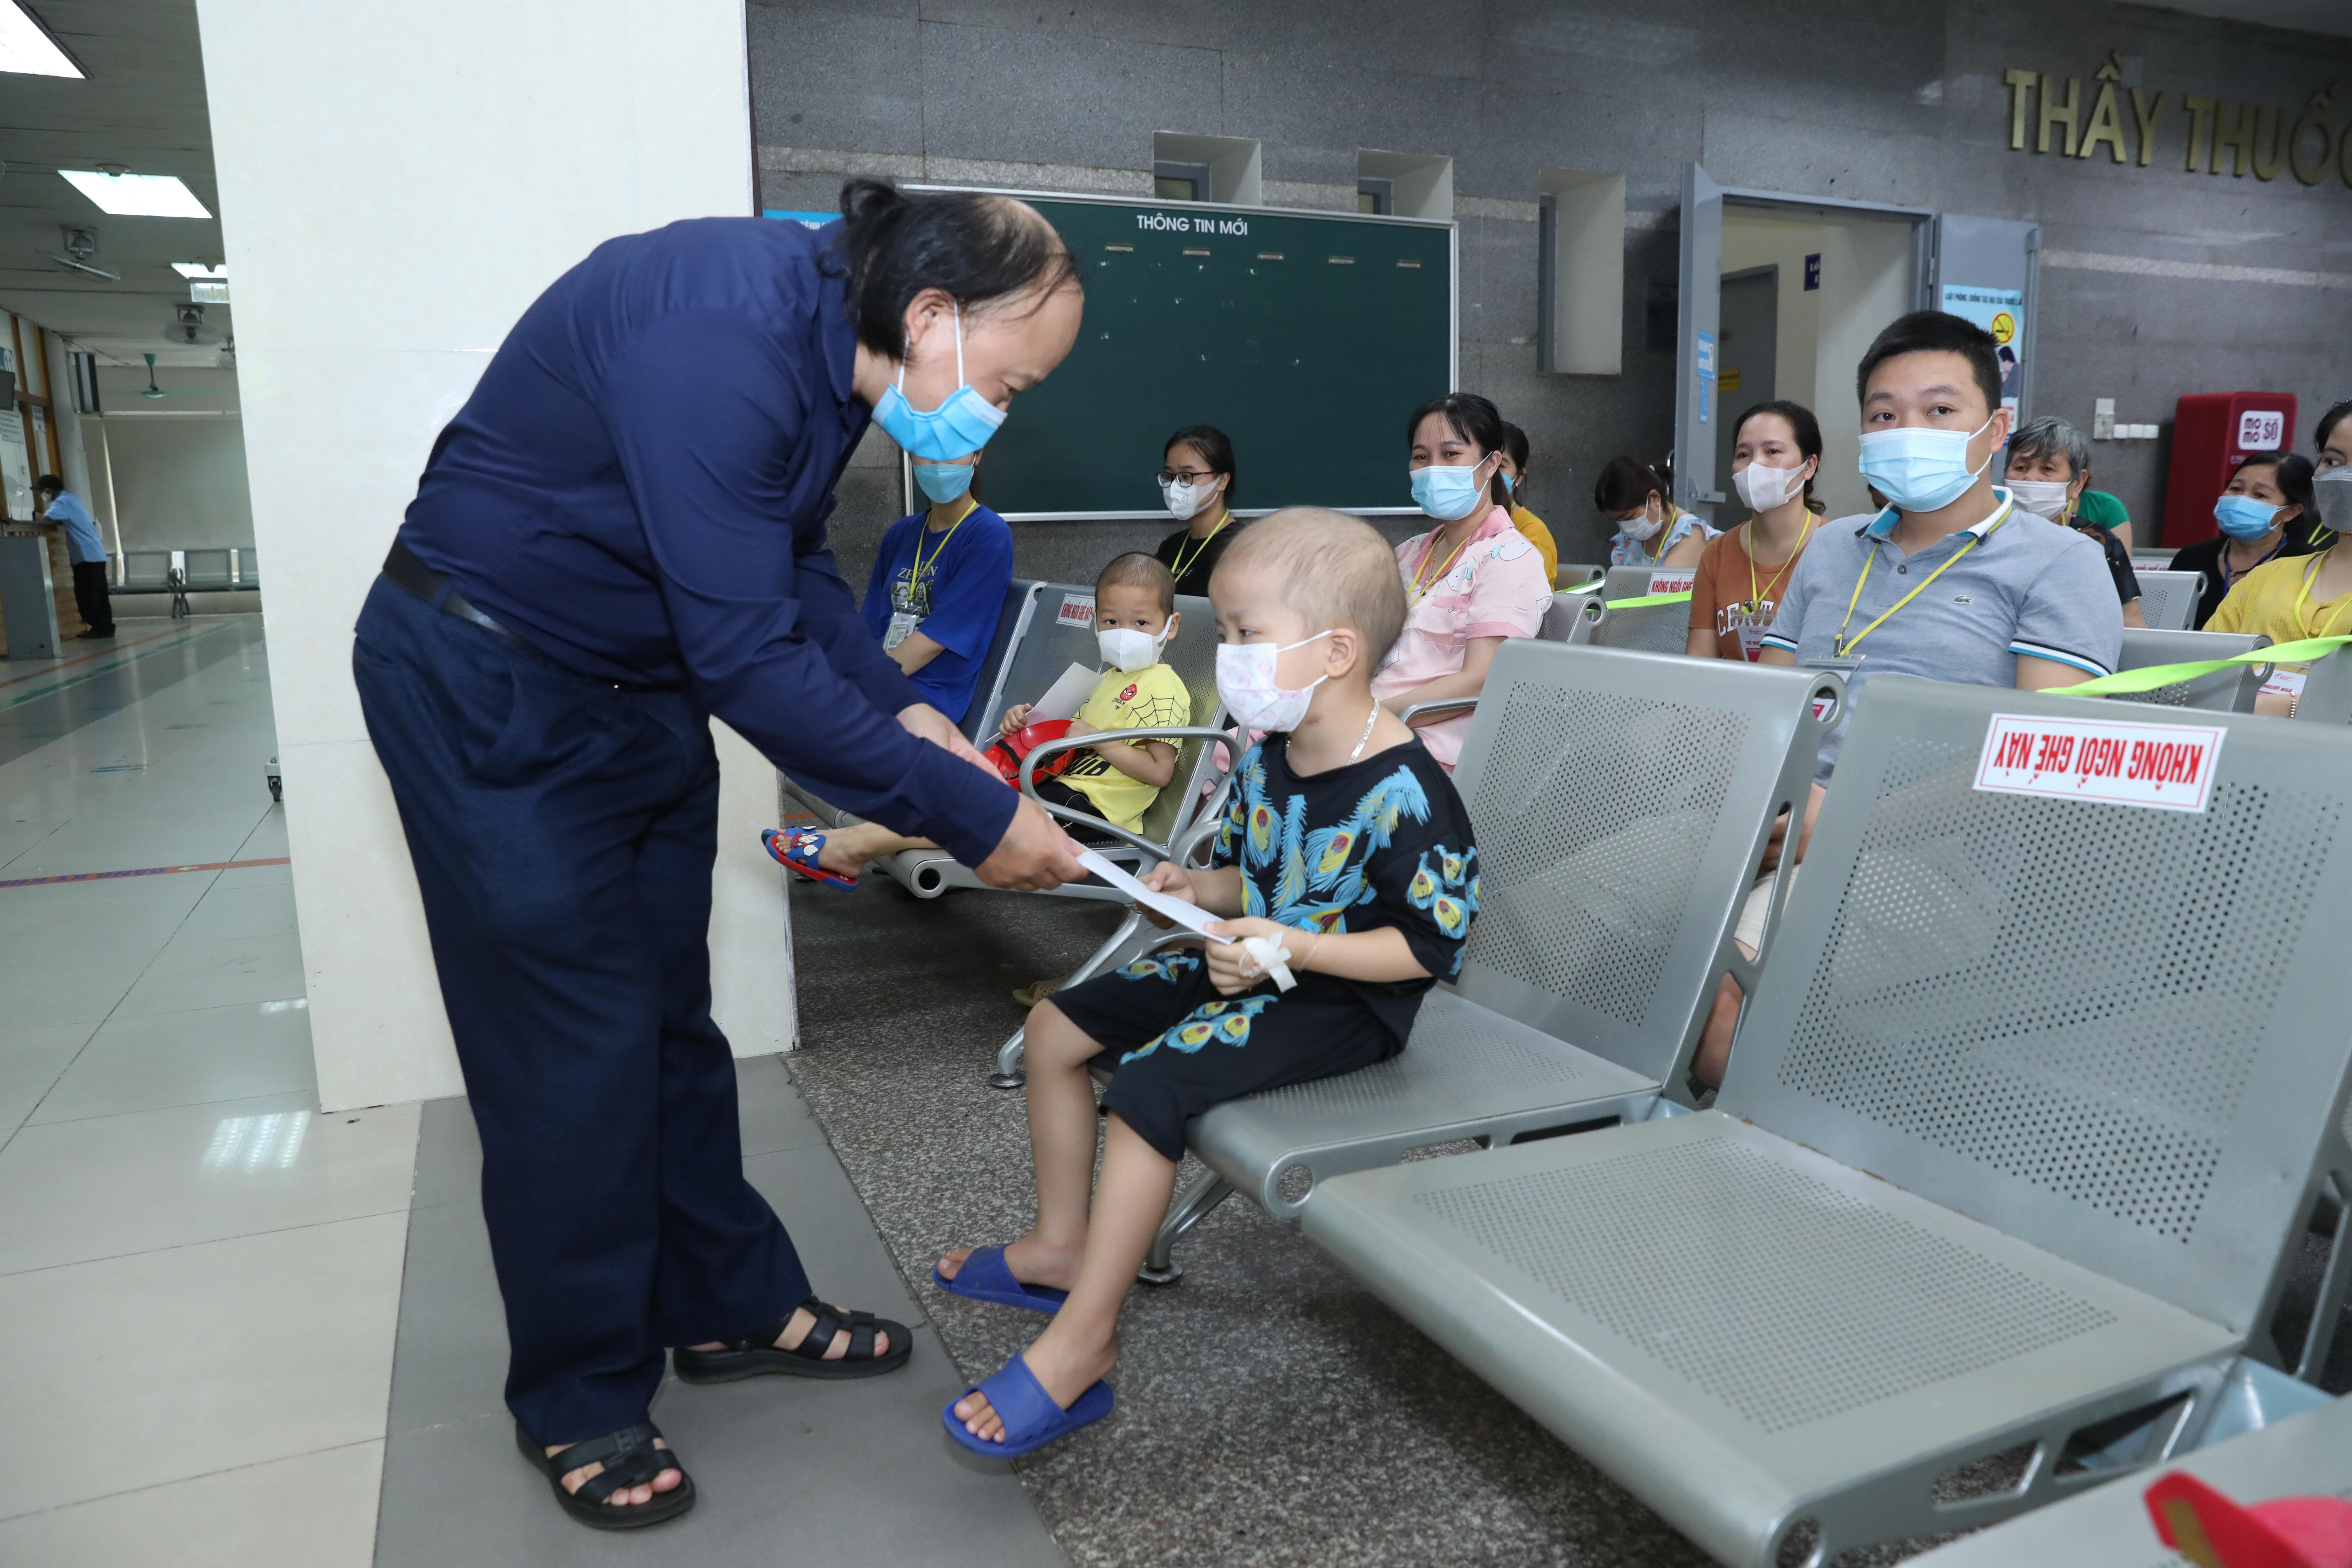 Báo Đại Đoàn Kết trao quà cho các bệnh nhi.Ảnh: Quang Vinh.